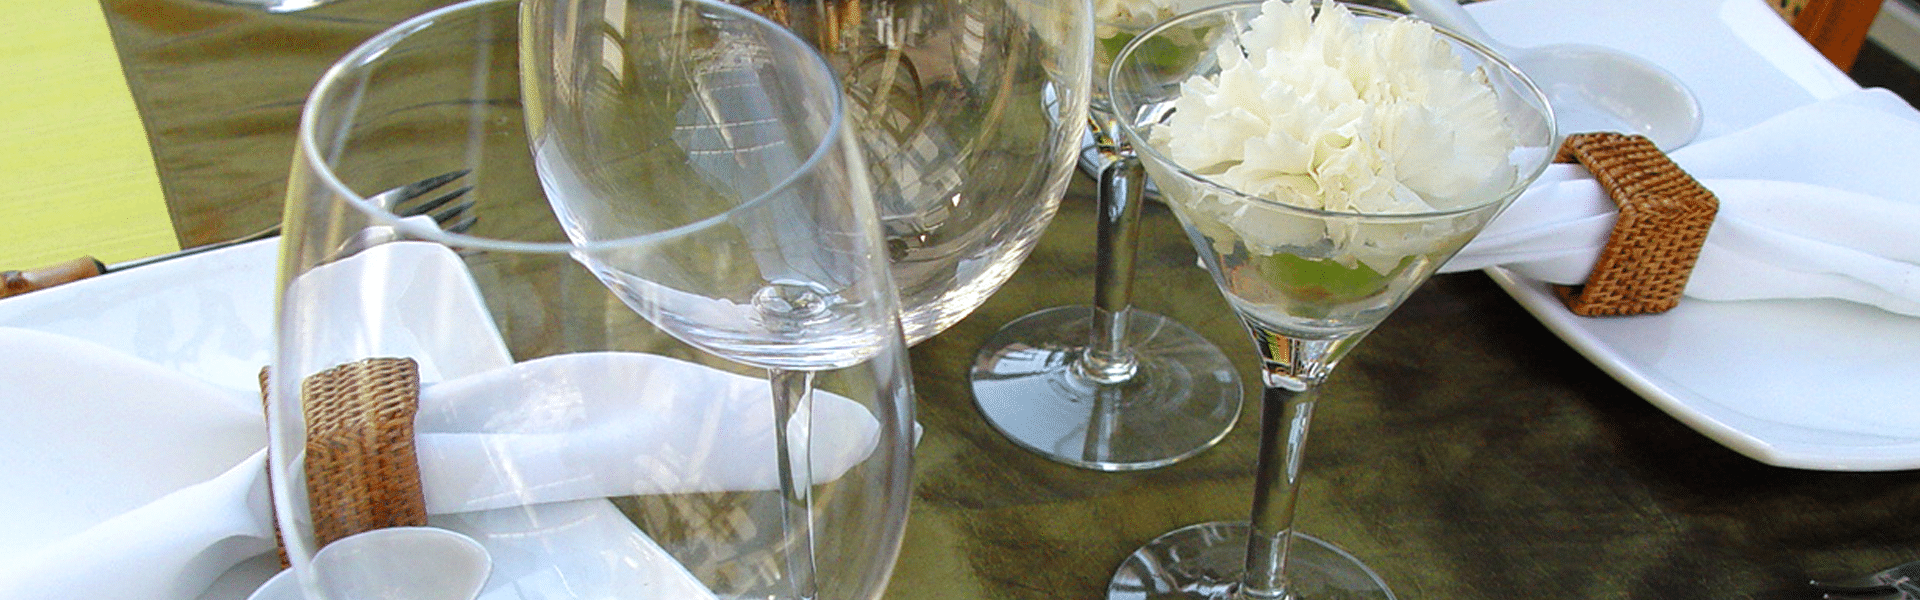 decorar a mesa para churrasco